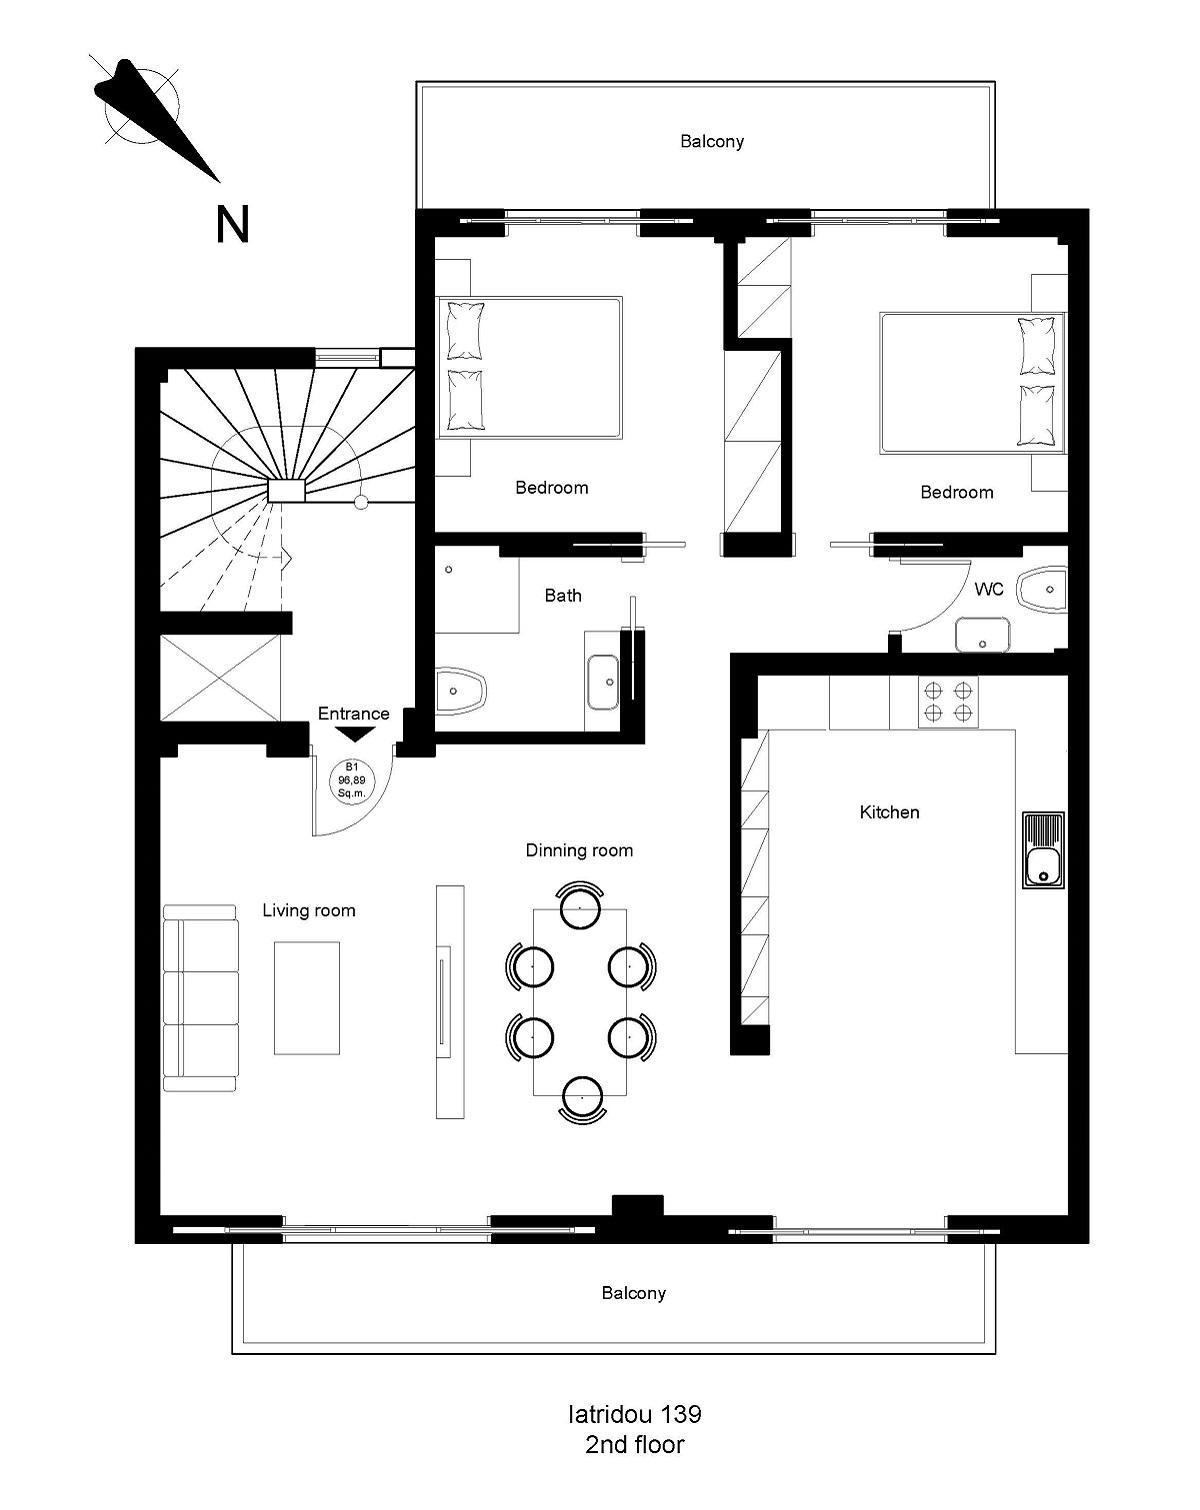 Iatridou 139 2nd floor plan